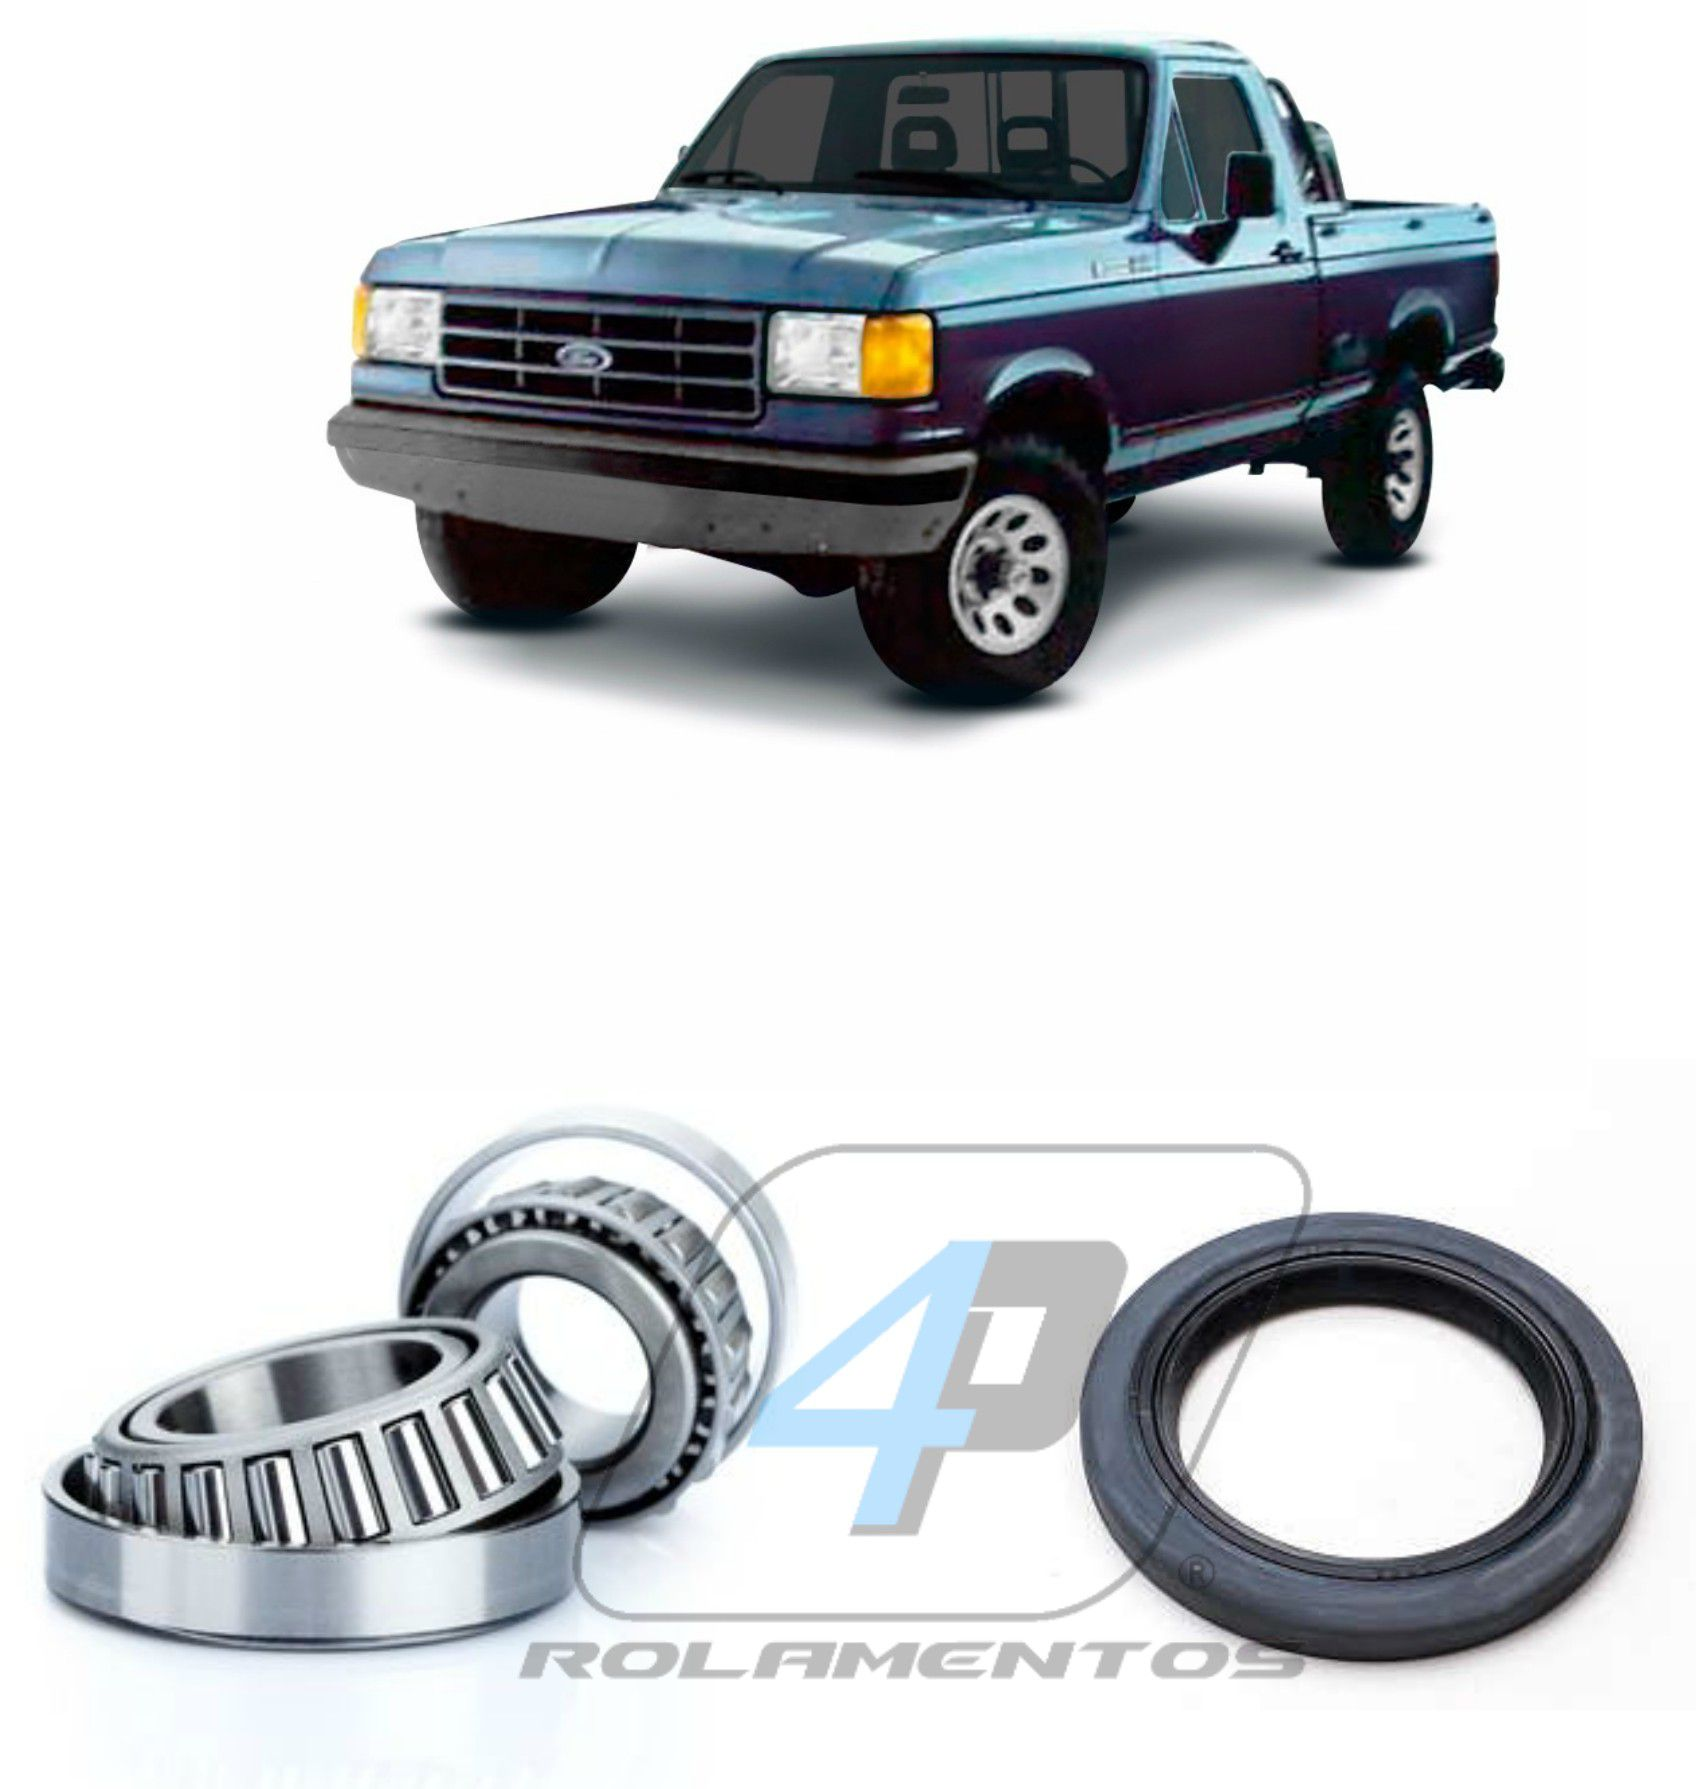 Rolamento de roda dianteira Ford F-1000 1990 até 1996